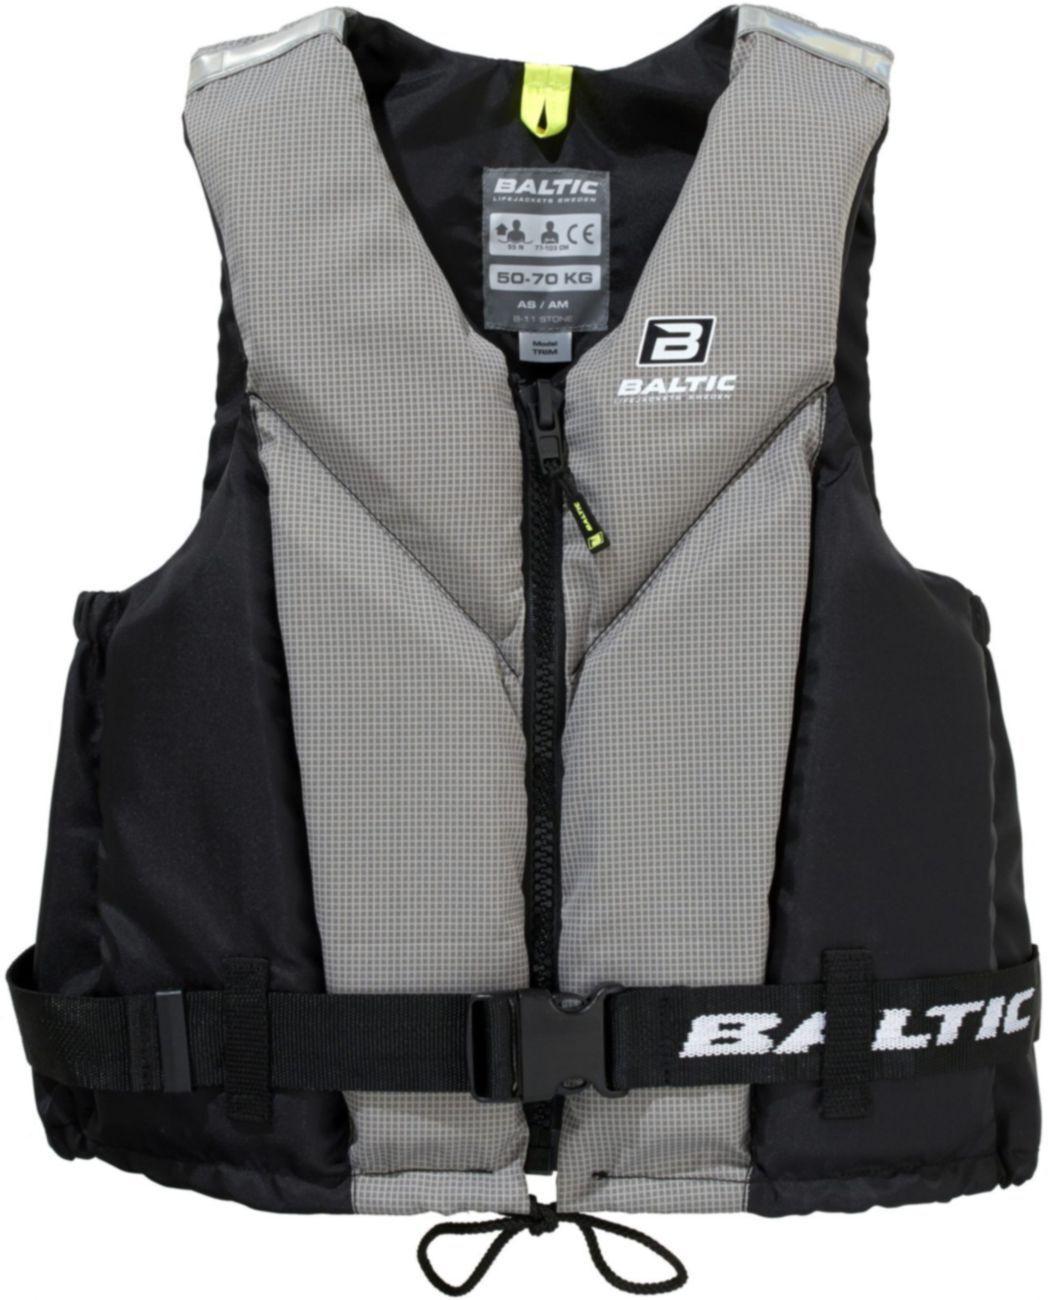 Baltic Trim Regatta Schwimmweste schwarz     grau - hohe Bewegungsfreiheit d68856